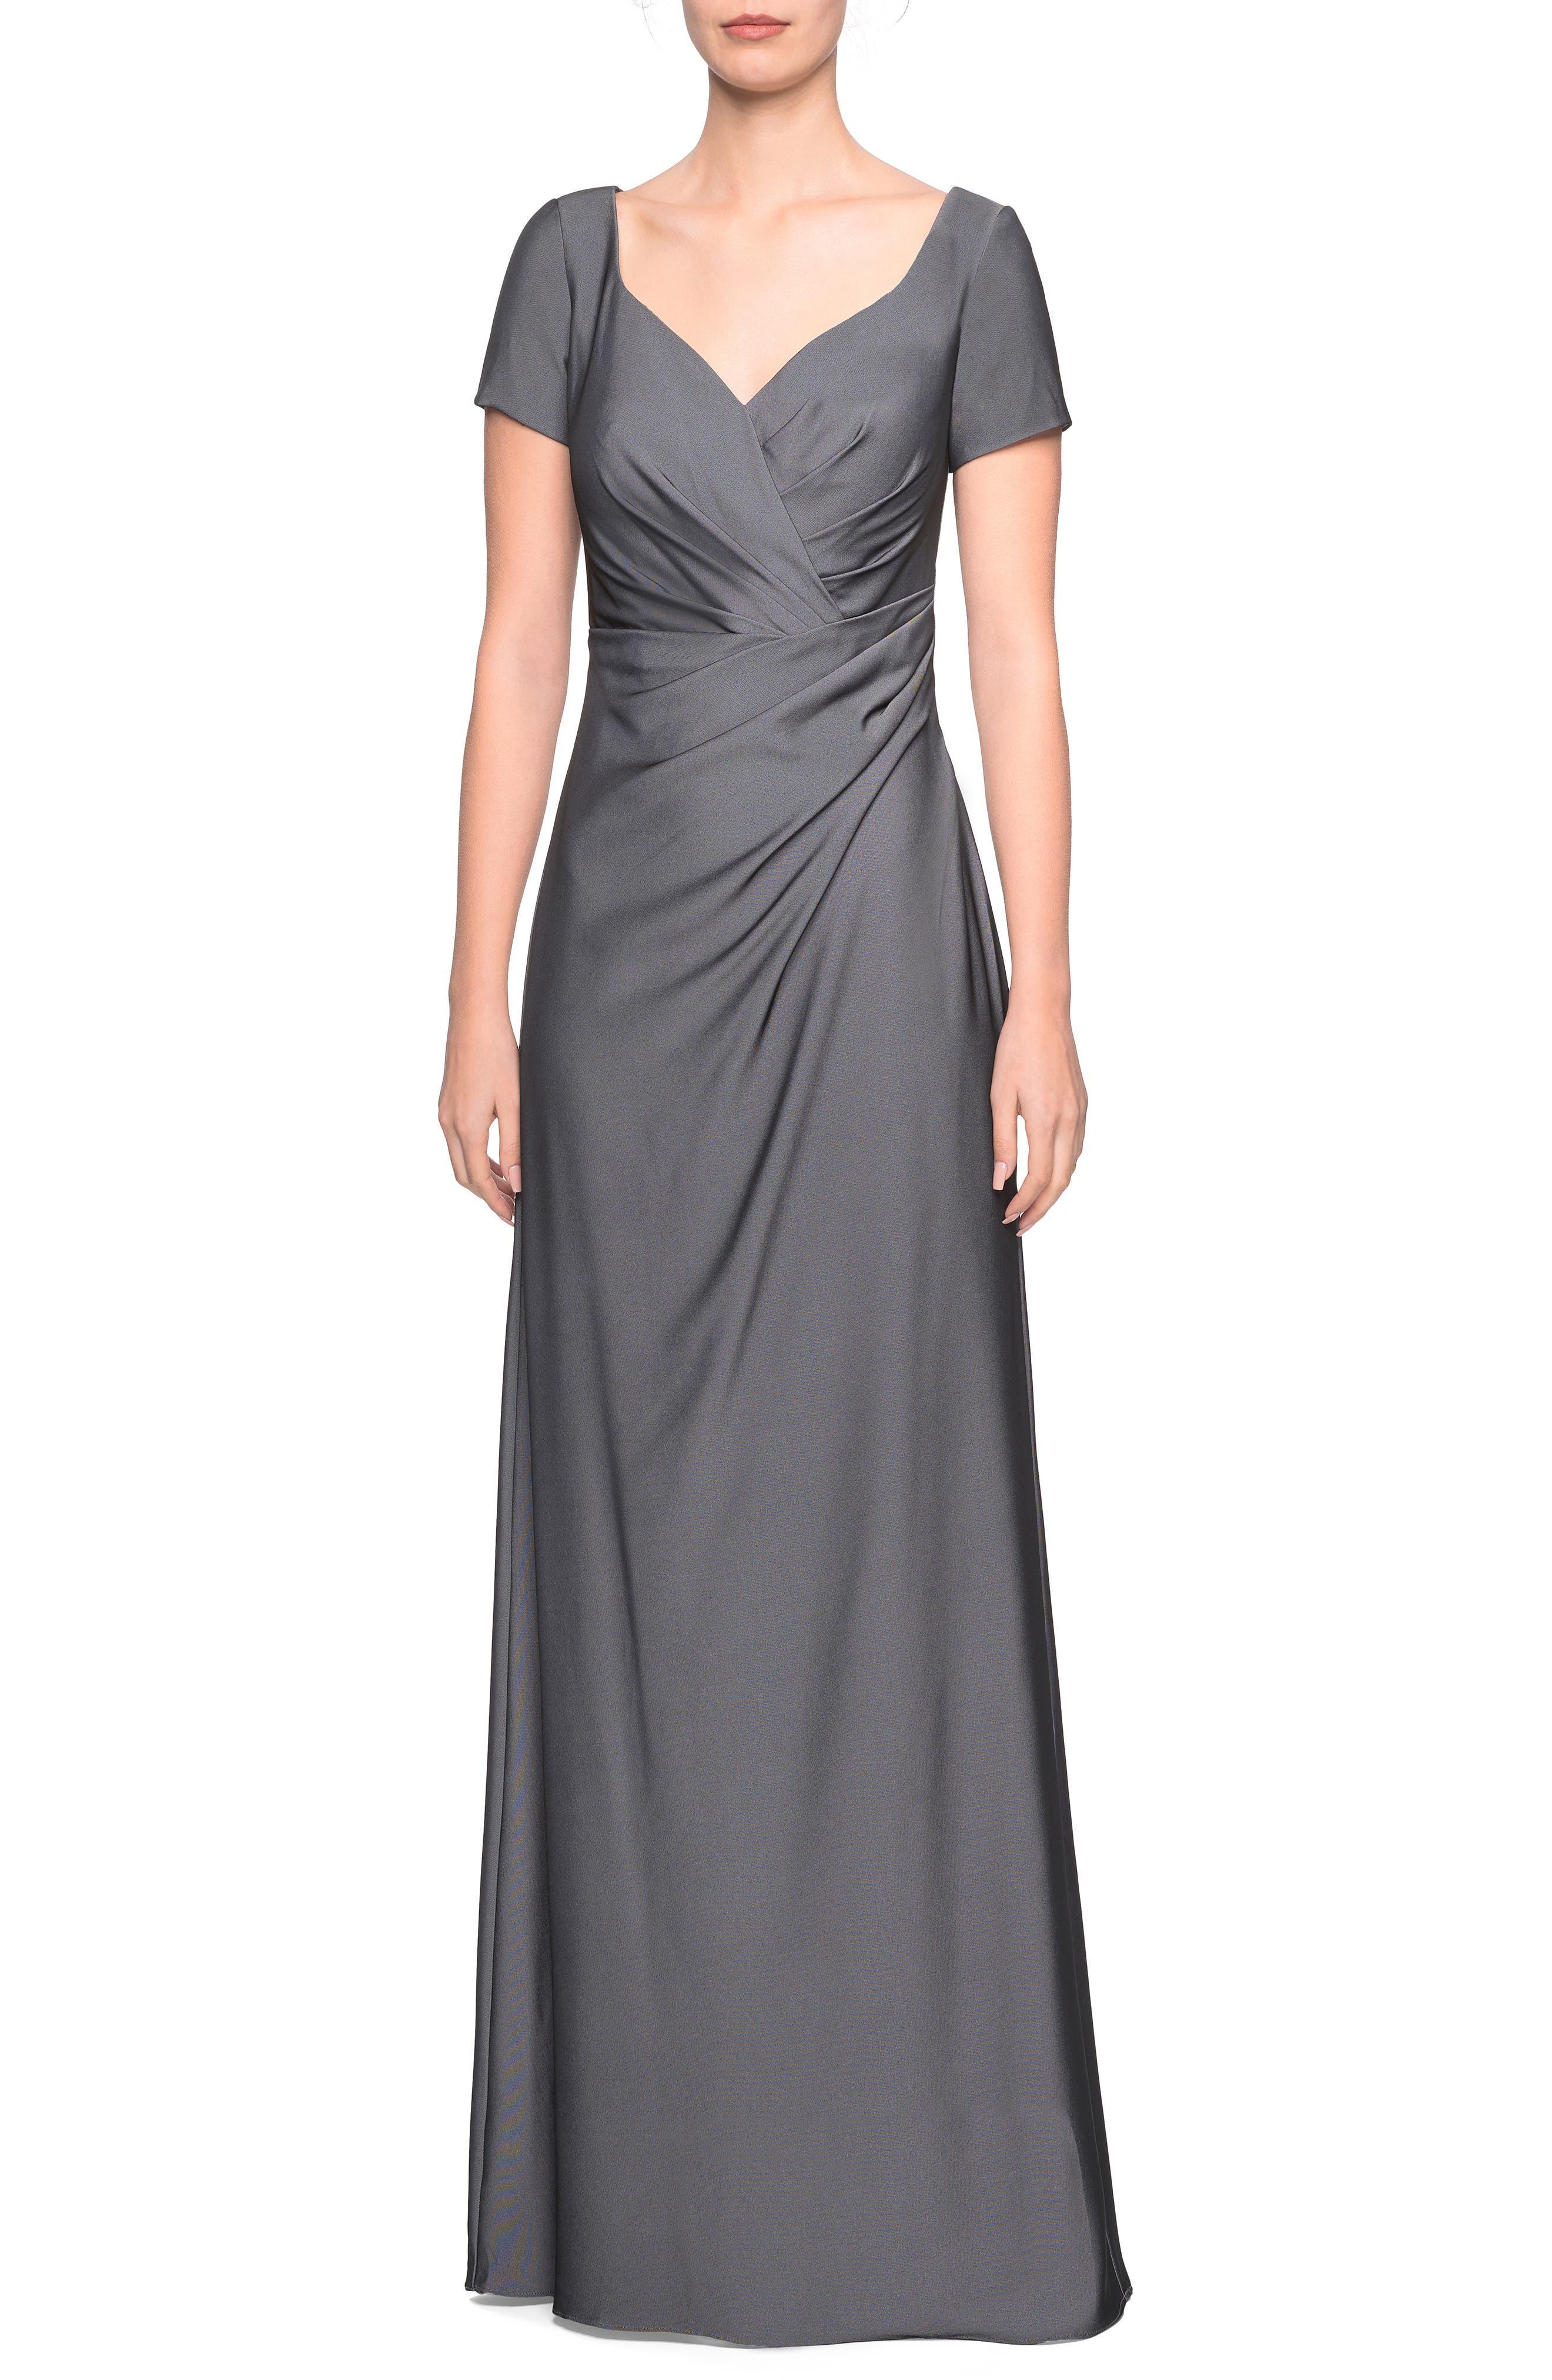 La Femme Sweetheart Neck Jersey Evening Dress, Grey